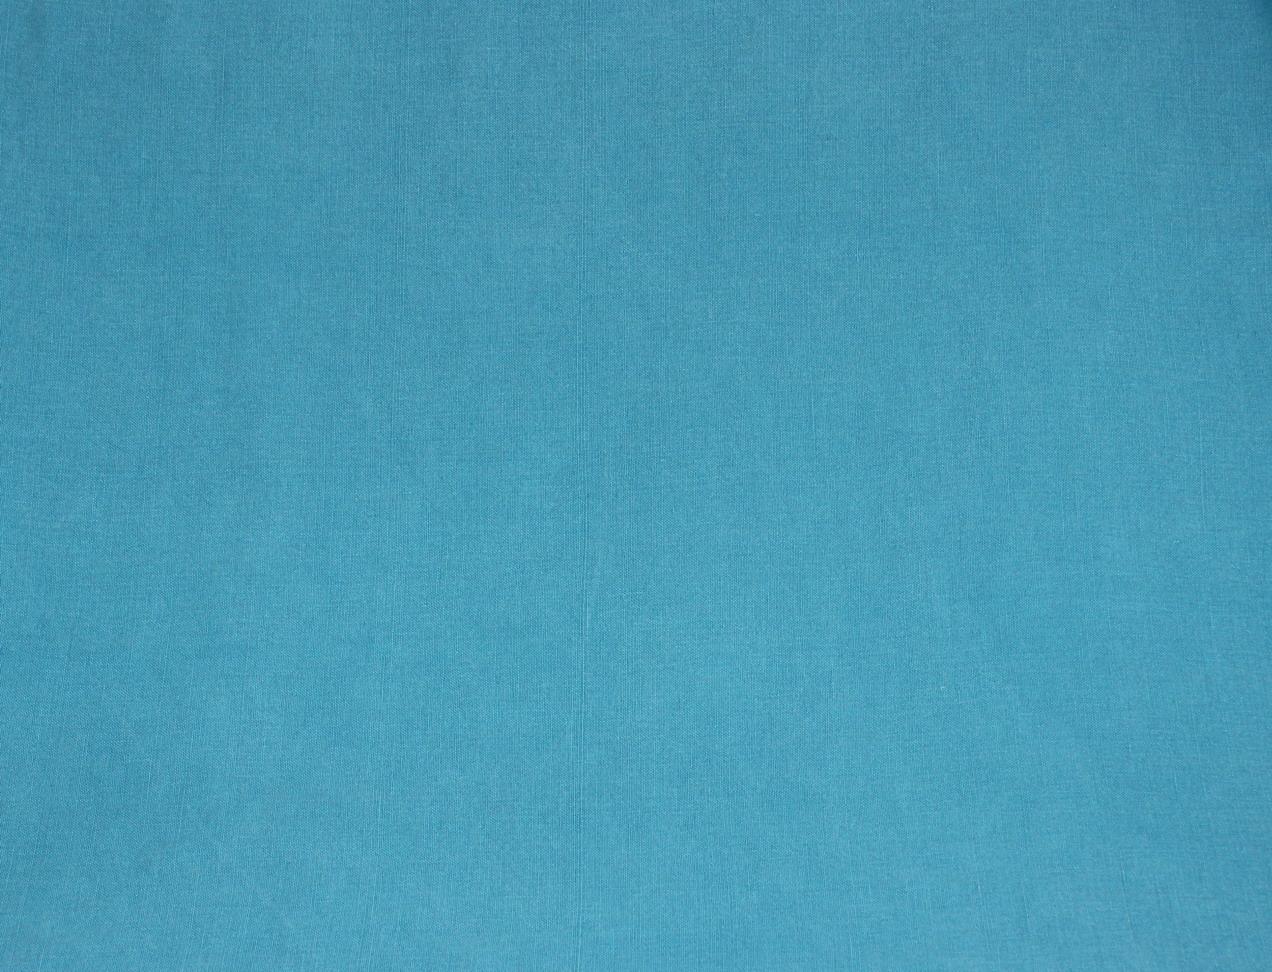 BOLGHERI Tourquoise